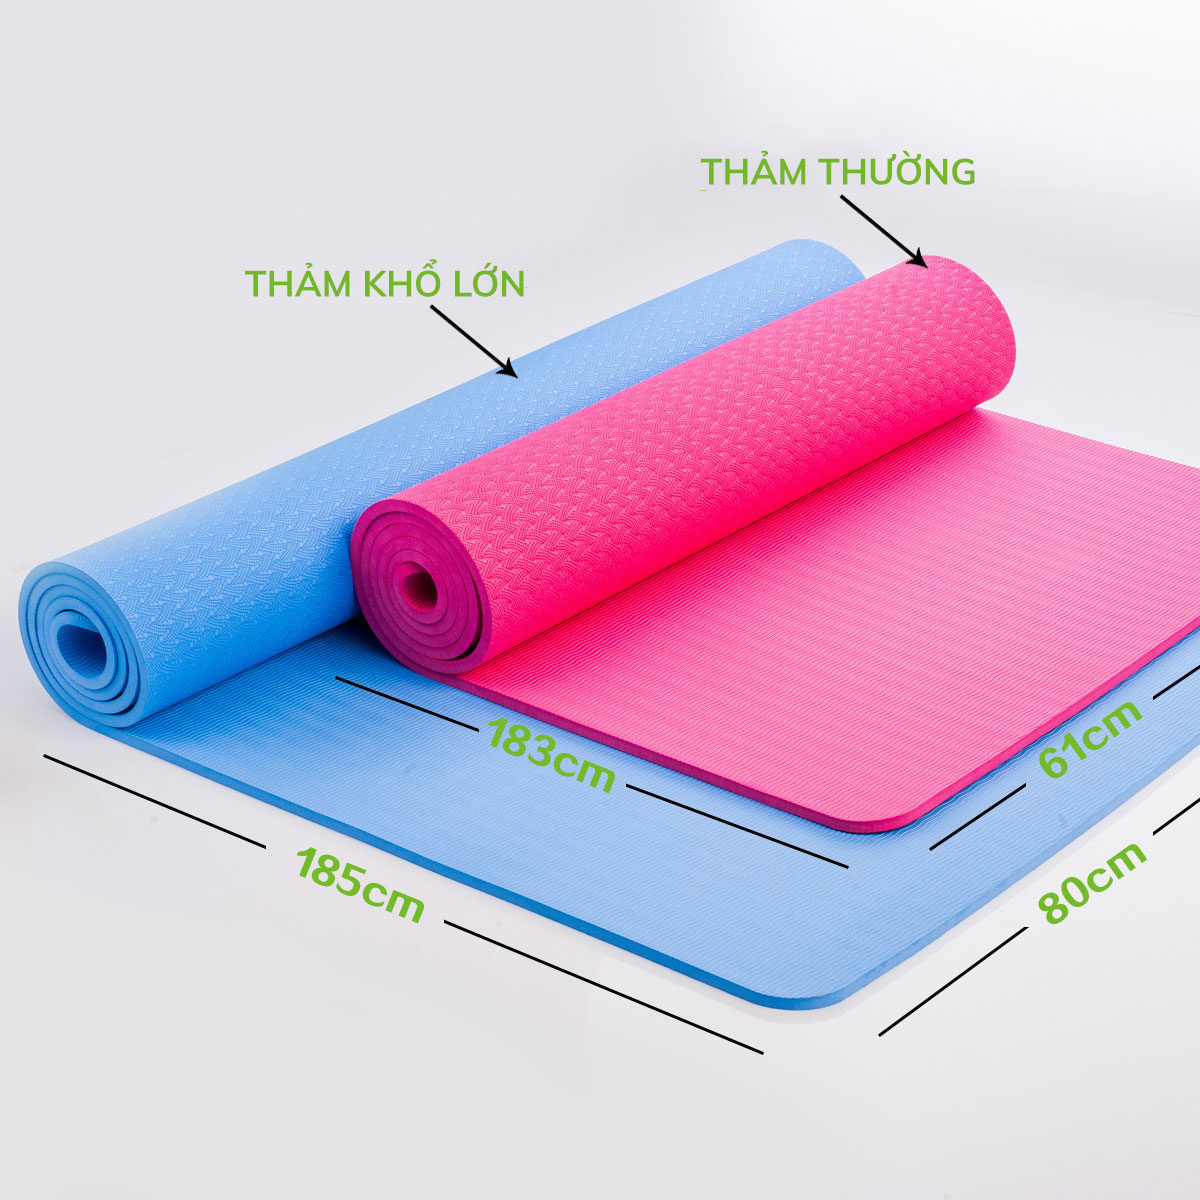 Thảm Yoga TPE khổ lớn 185cm x 80cm (dày 8mm)